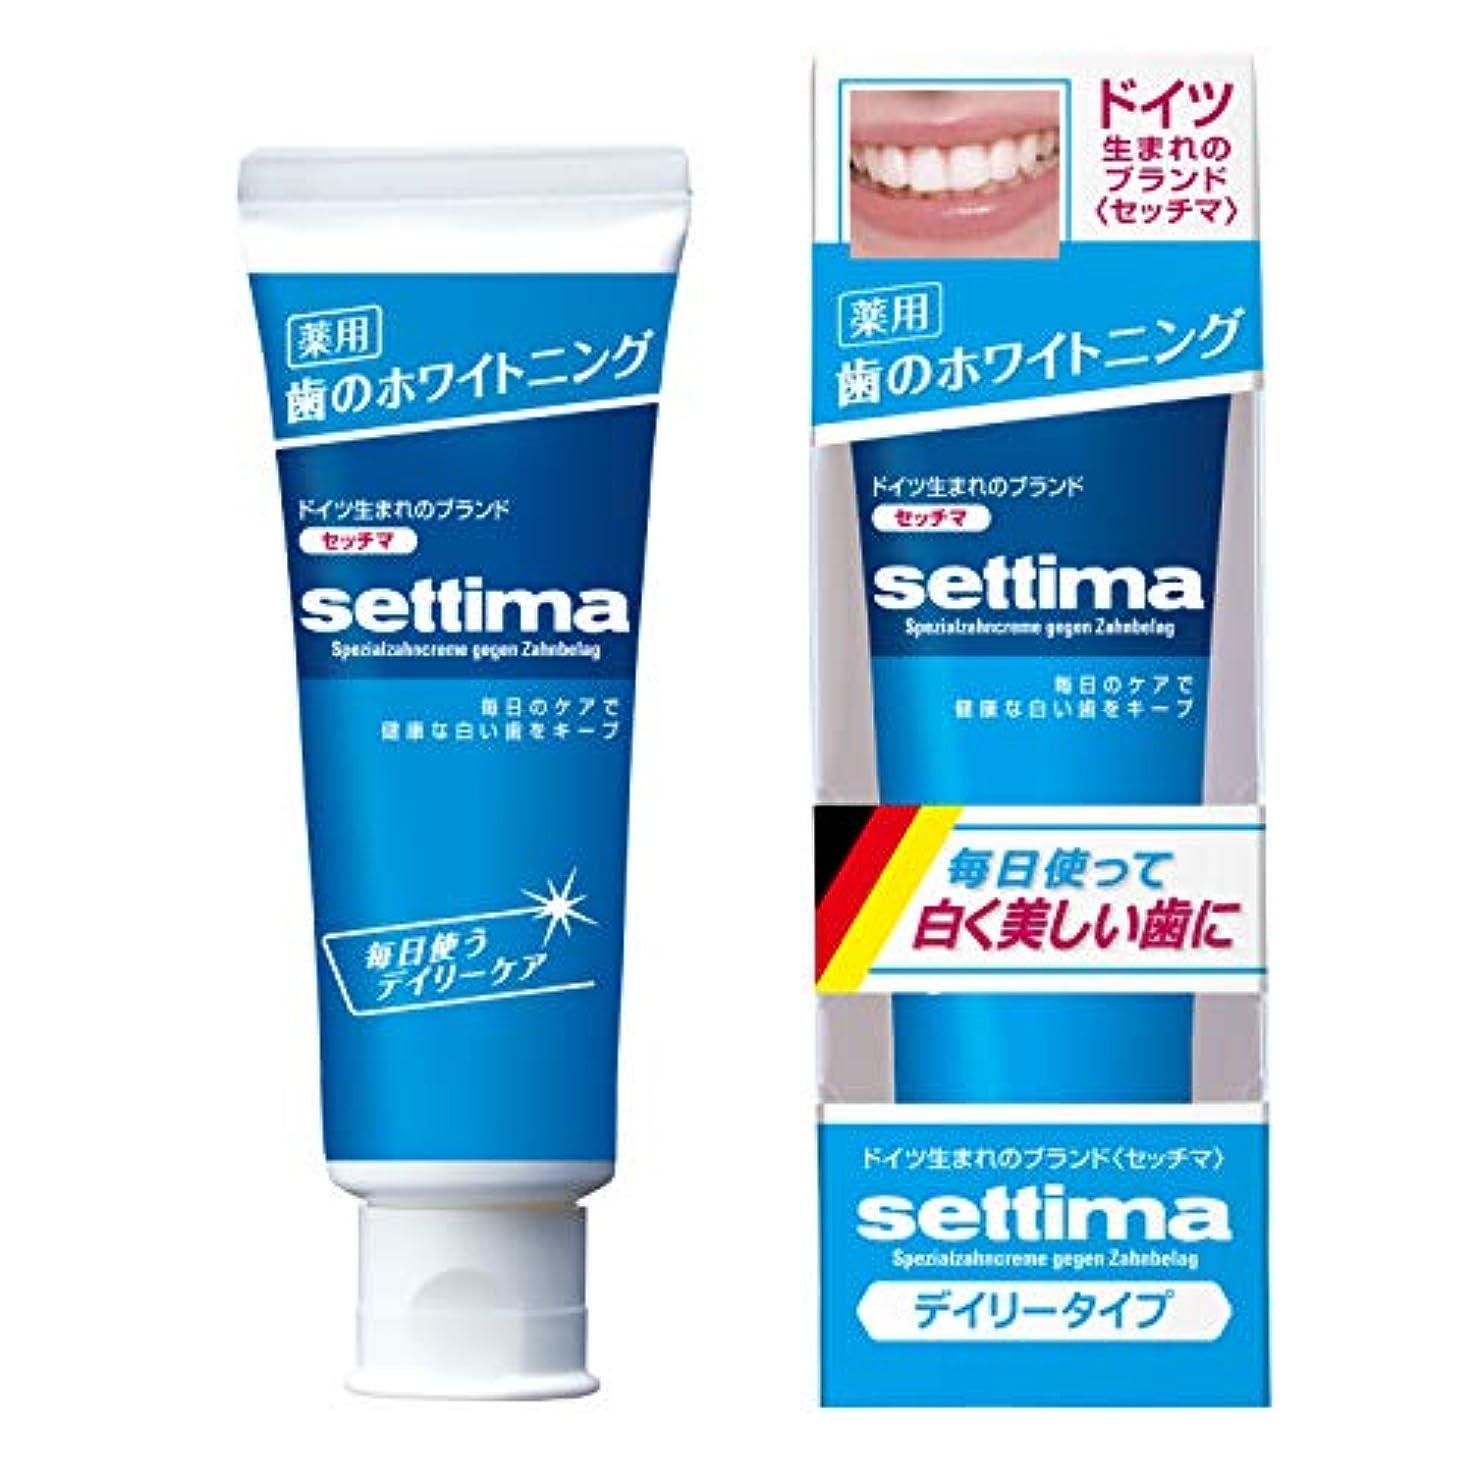 矛盾名目上の養う[医薬部外品] settima(セッチマ) ホワイトニング 歯みがき デイリーケア [ファインミントタイプ] <ステインケア タバコのヤニ取り フッ素配合 虫歯予防> 80g